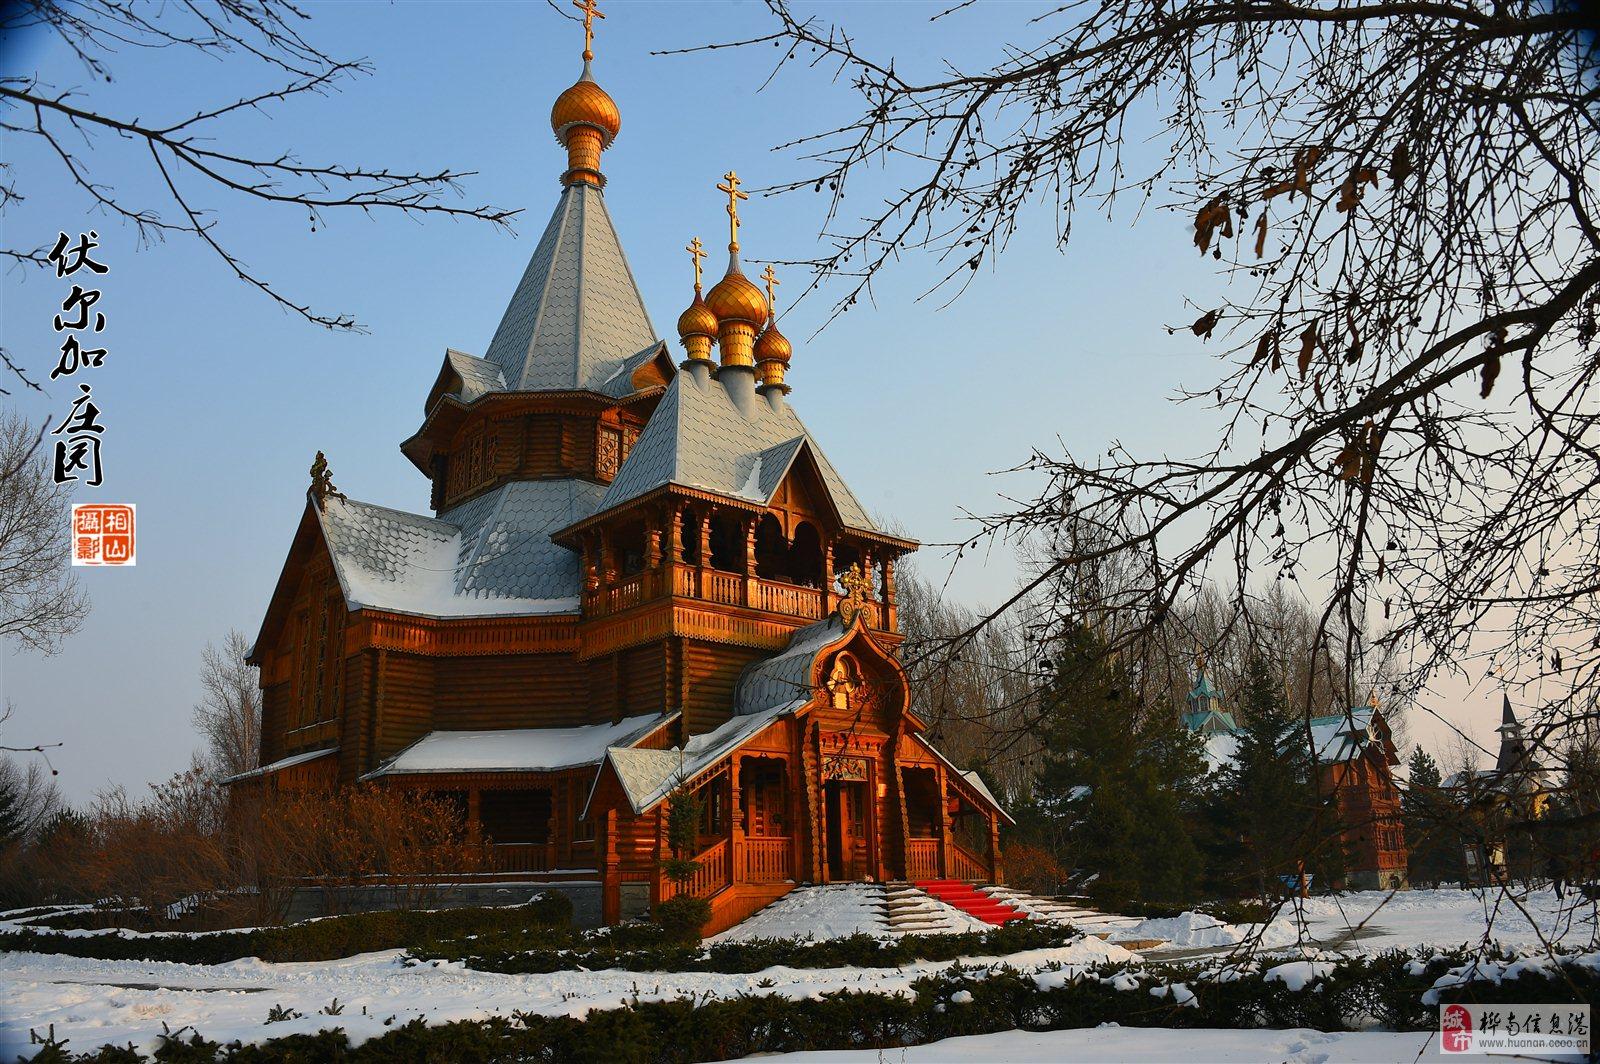 哈尔滨伏尔加庄园,俄罗斯欧式风情建筑